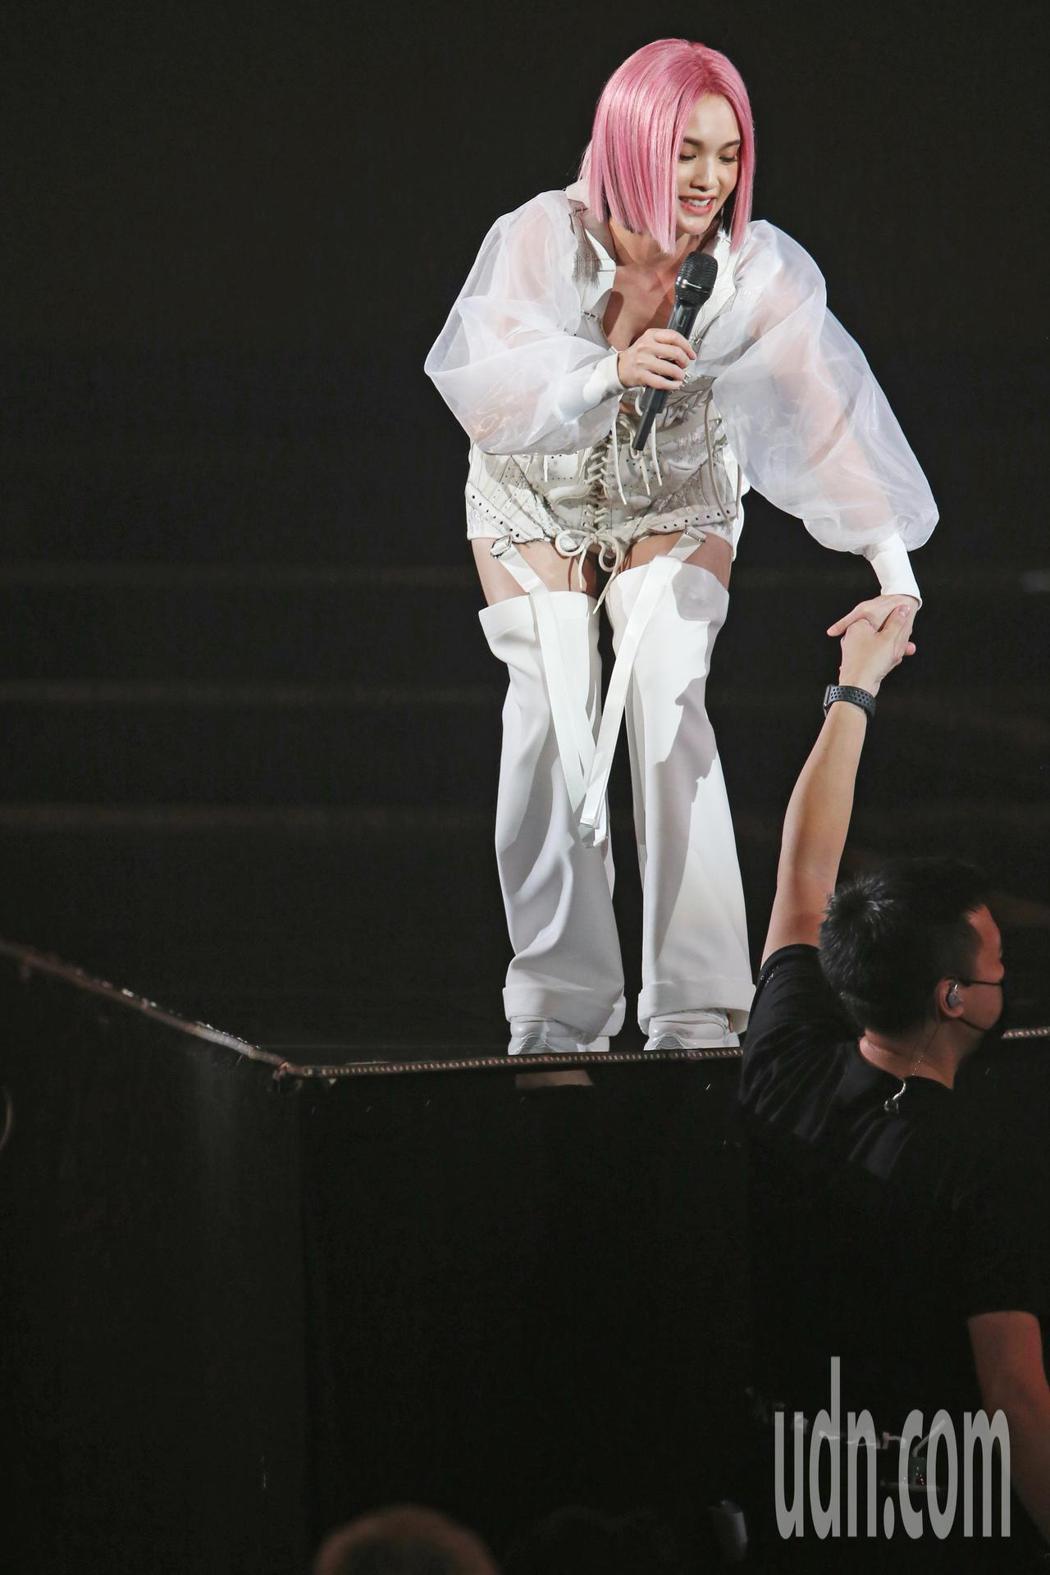 藝人楊丞琳(上)在台北小巨蛋舉辦演唱會,一登場她在三層樓高的舞台上表演,告一段落...